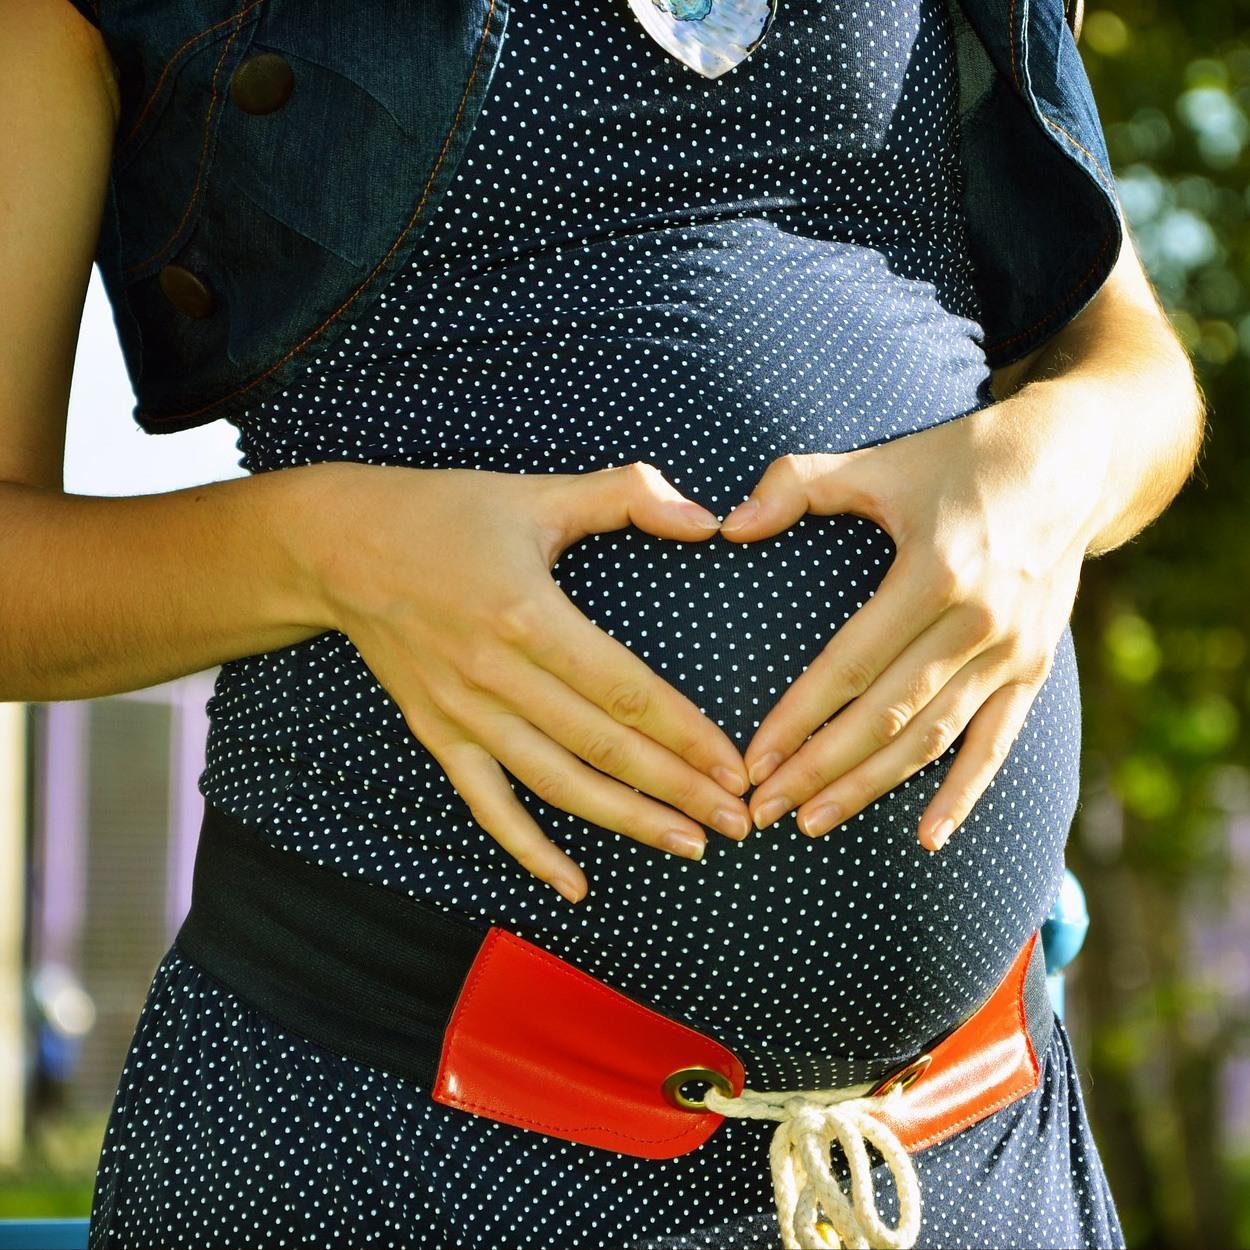 Ingwer Schwangerschaft